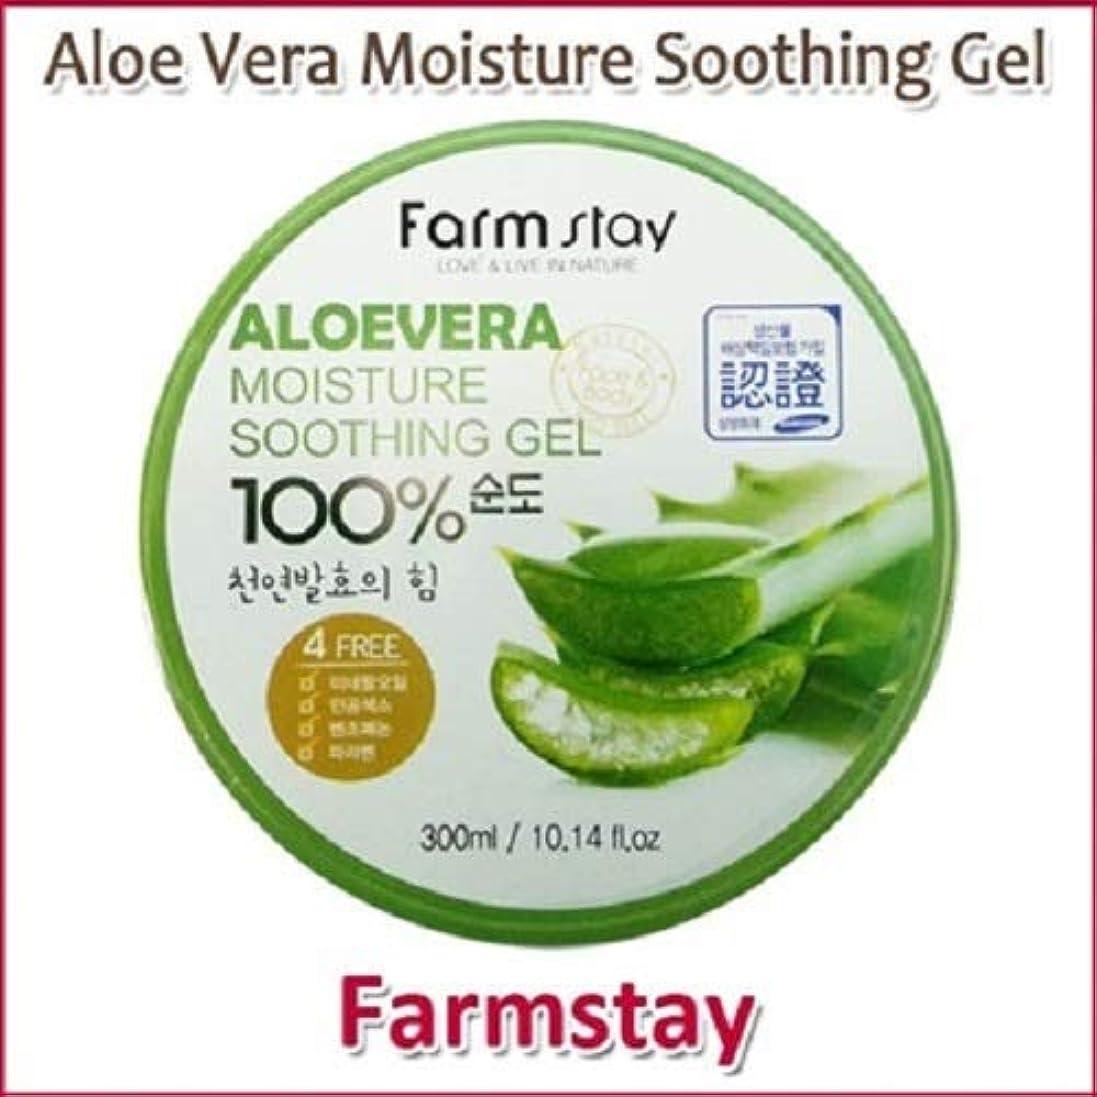 葡萄安心クルーズFarm Stay Aloe Vera Moisture Soothing Gel 300ml /オーガニック アロエベラゲル 100%/保湿ケア/韓国コスメ/Aloe Vera 100% /Moisturizing [...